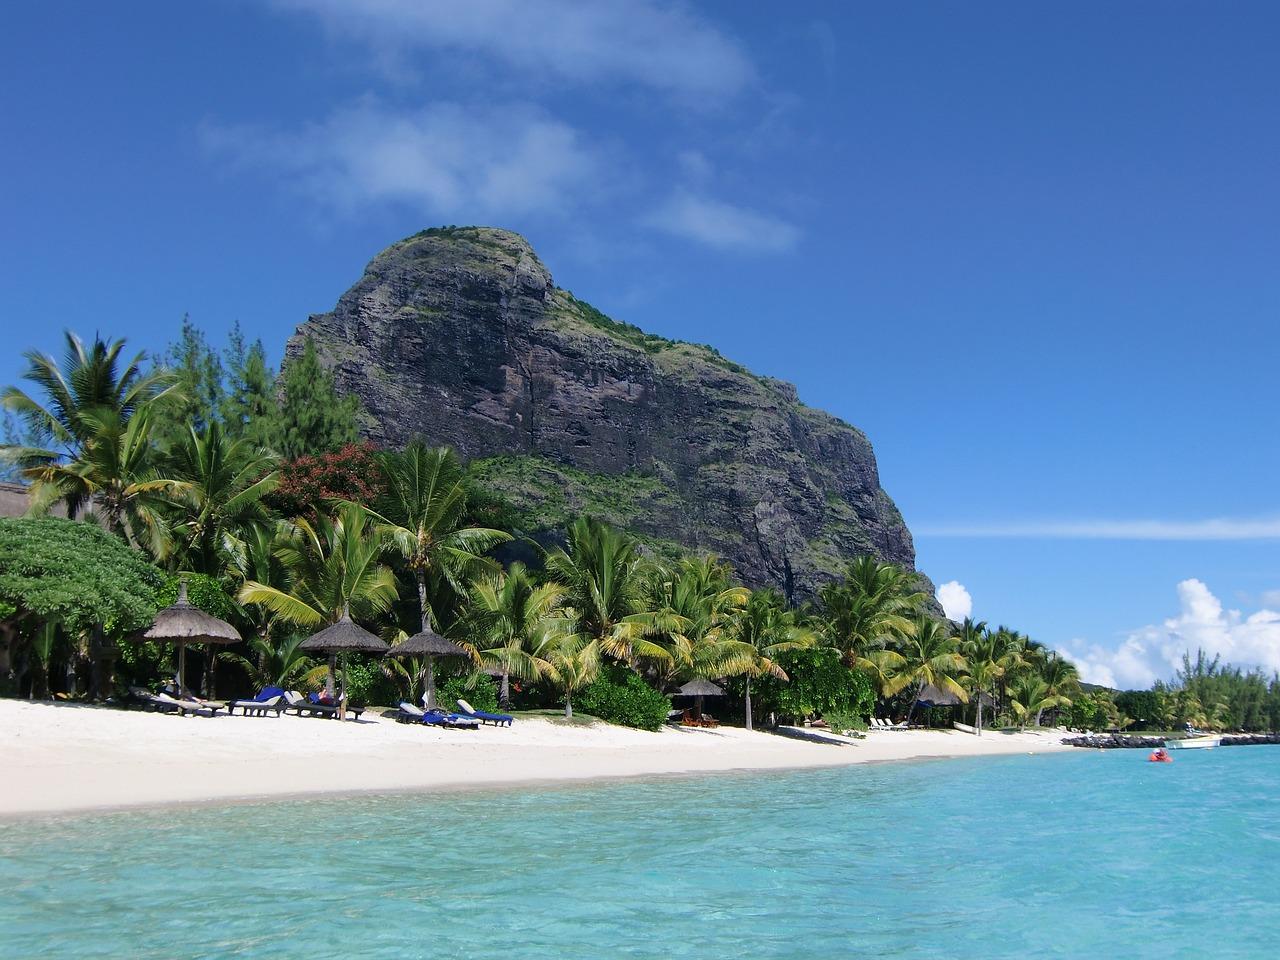 Le Morne_Mauritius_PD